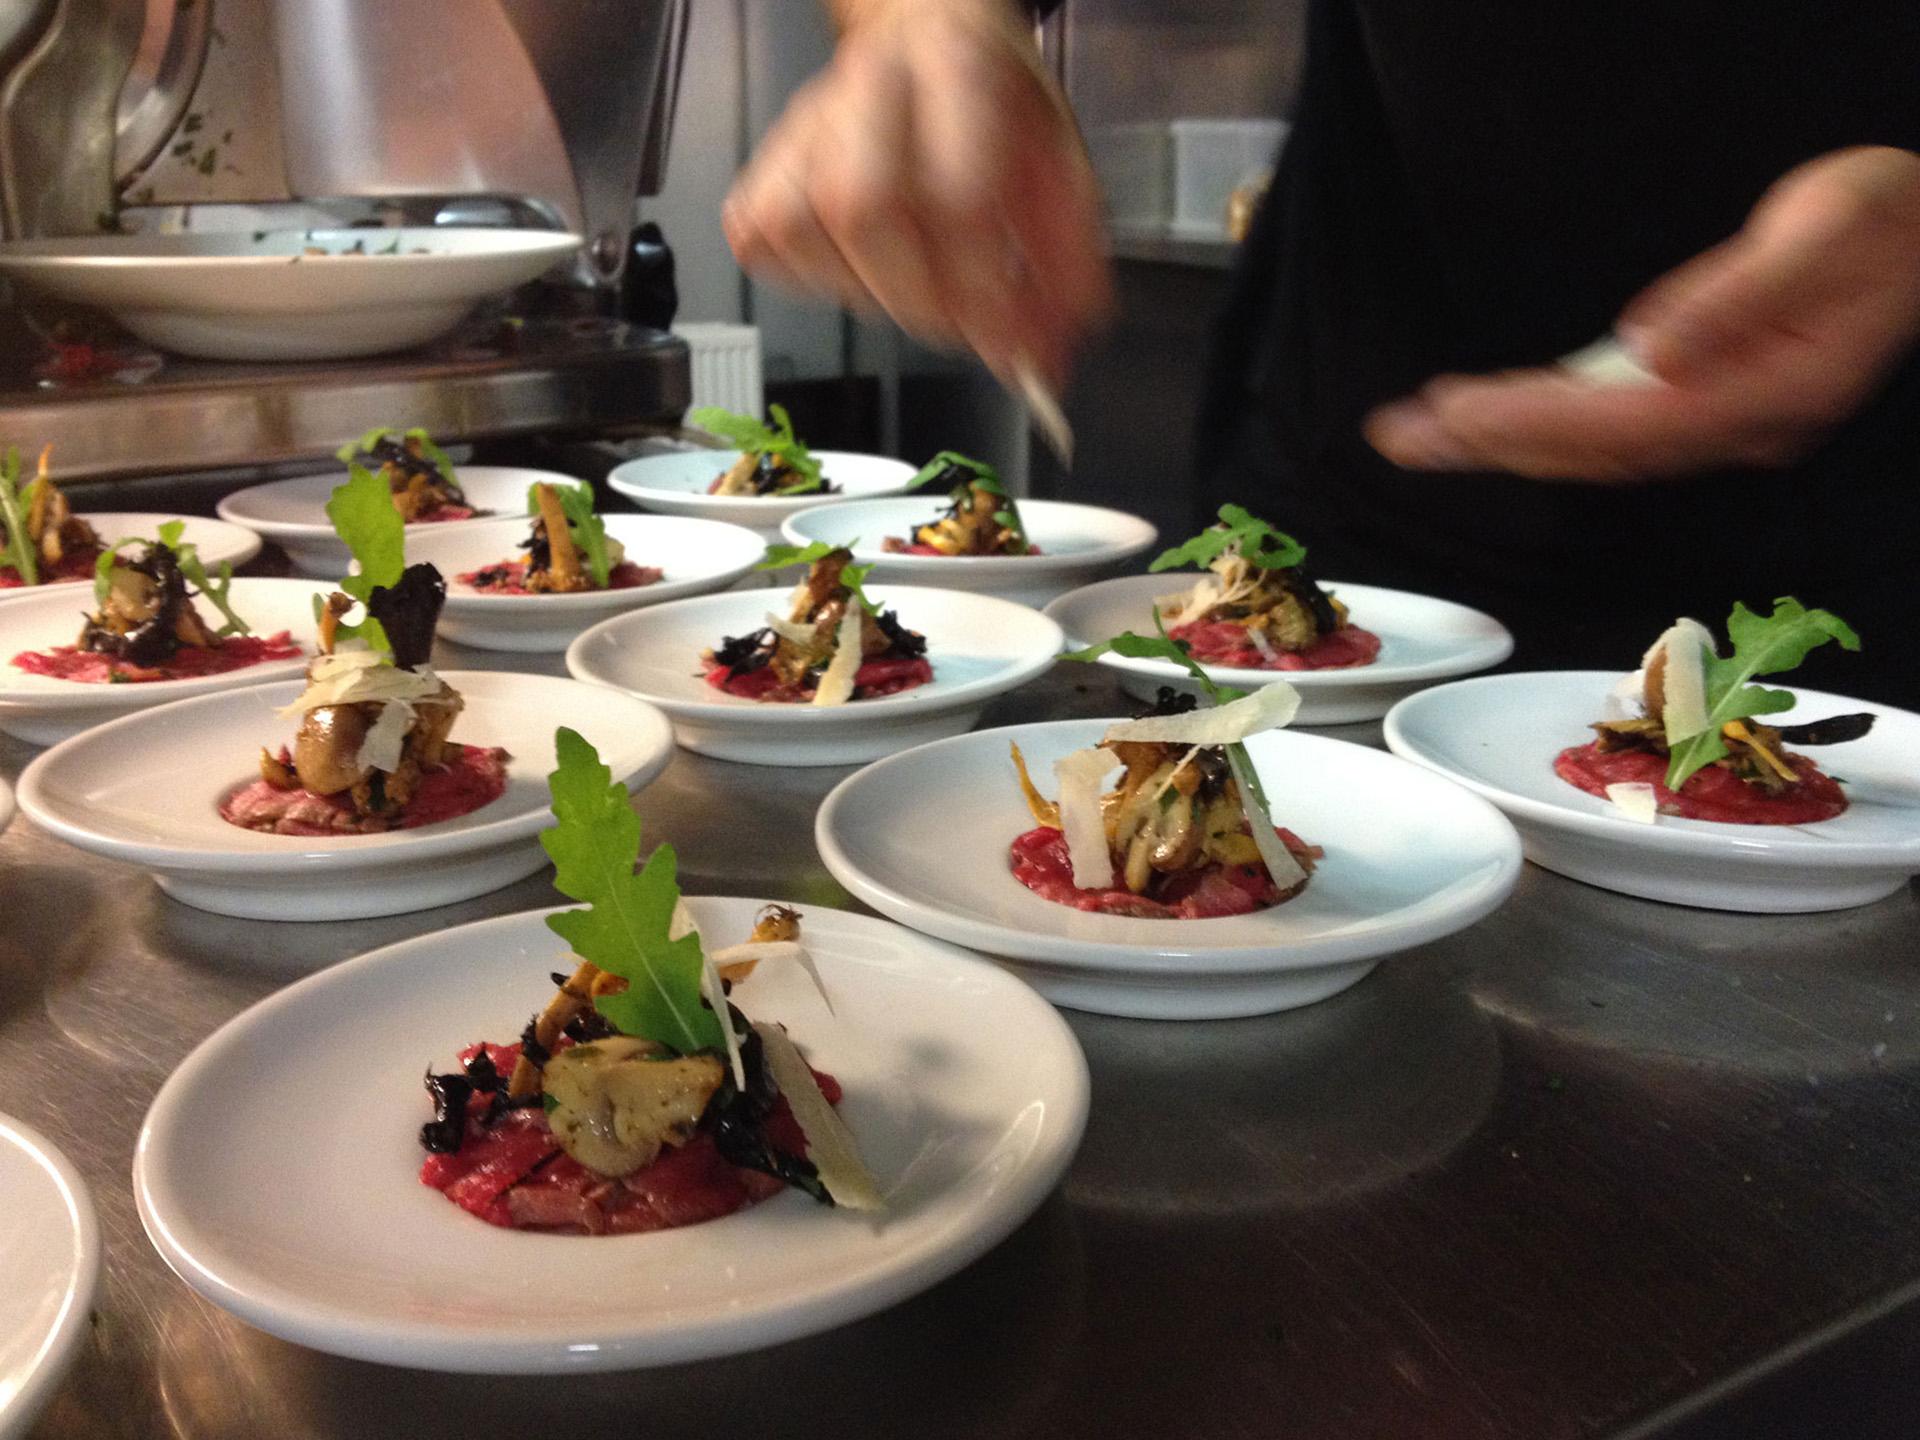 Bereiding diner in de keuken van de Amstelzaal